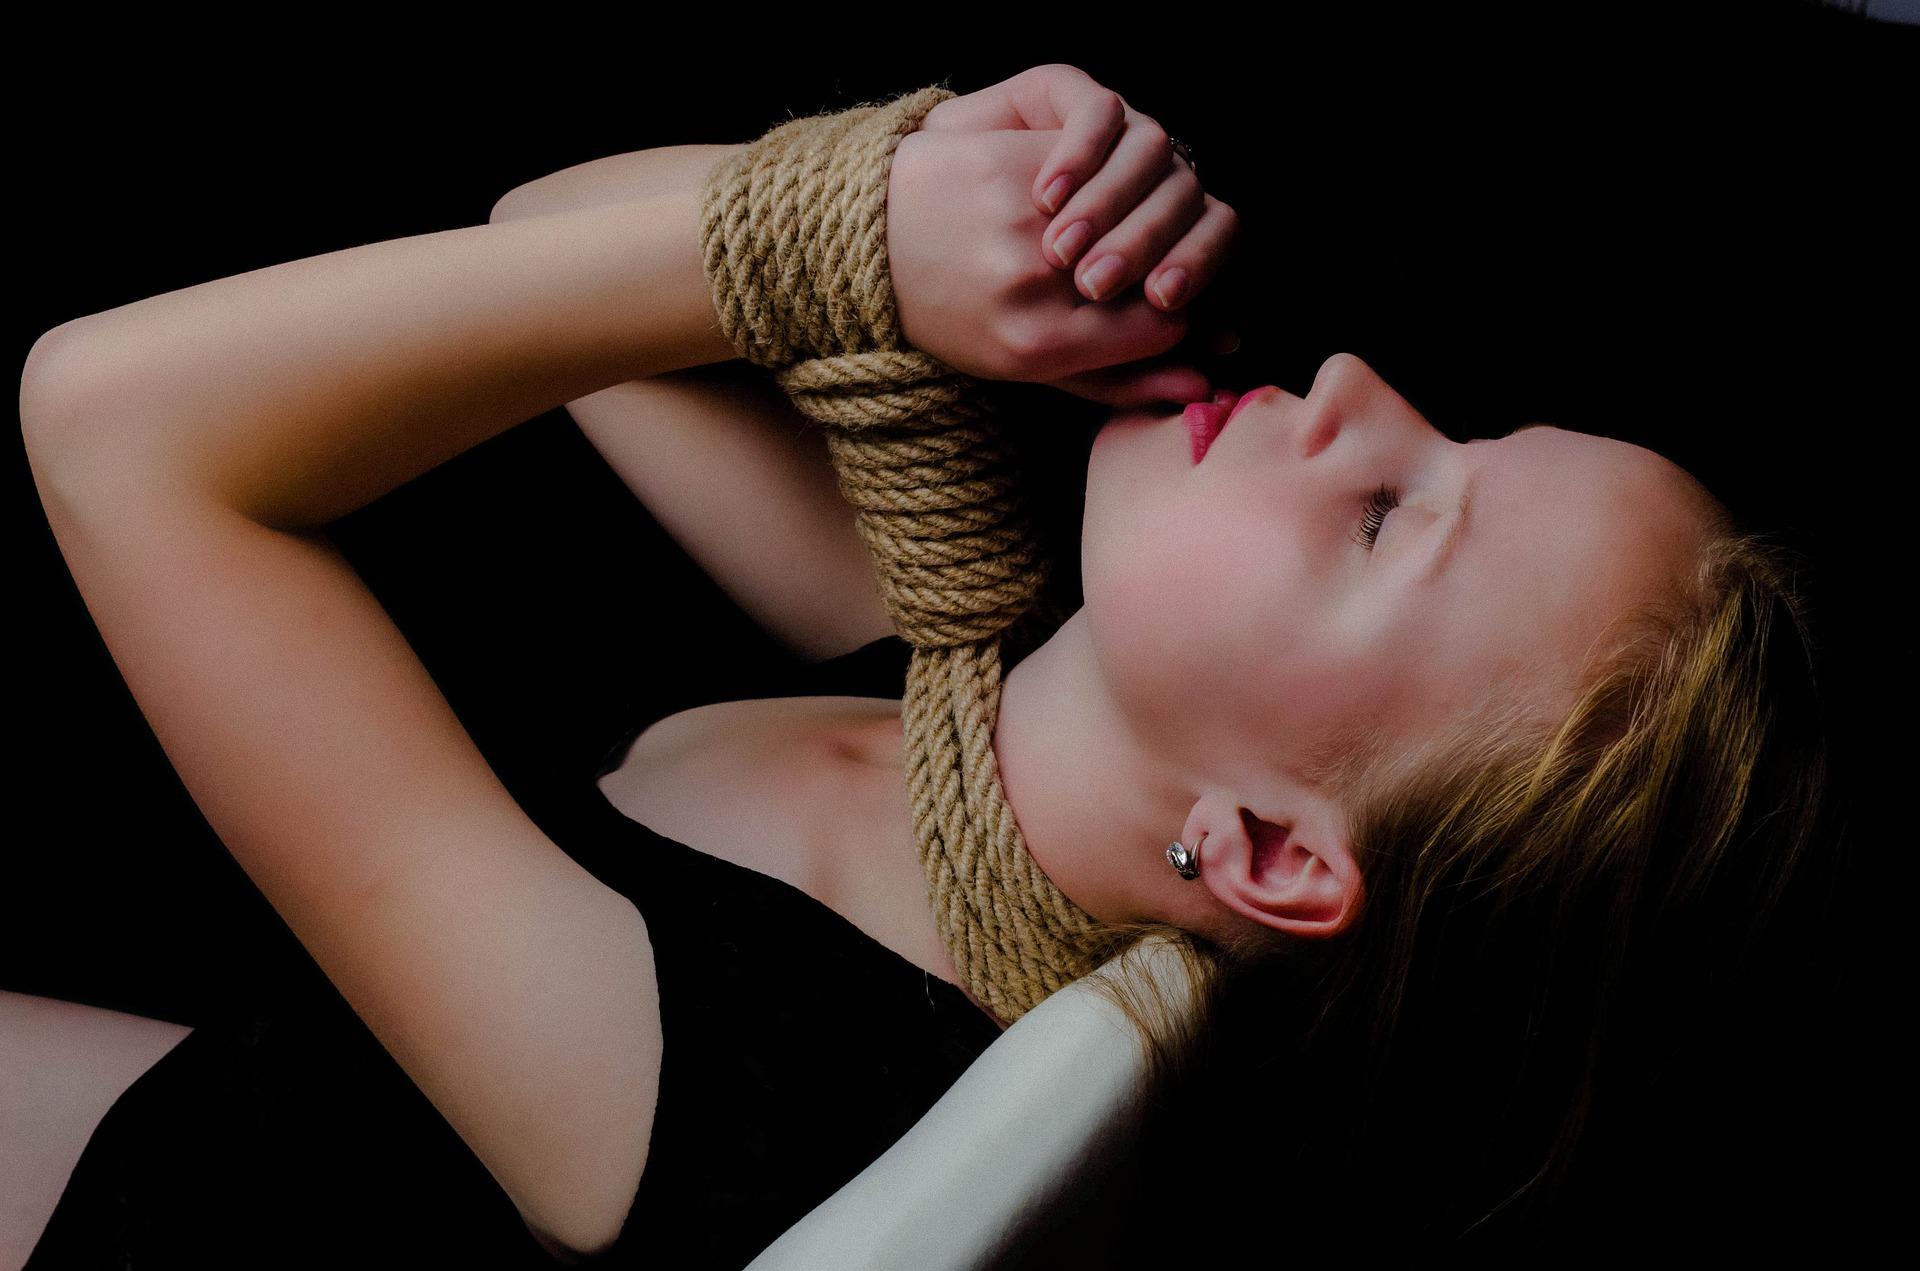 برده دختر باندیج شده